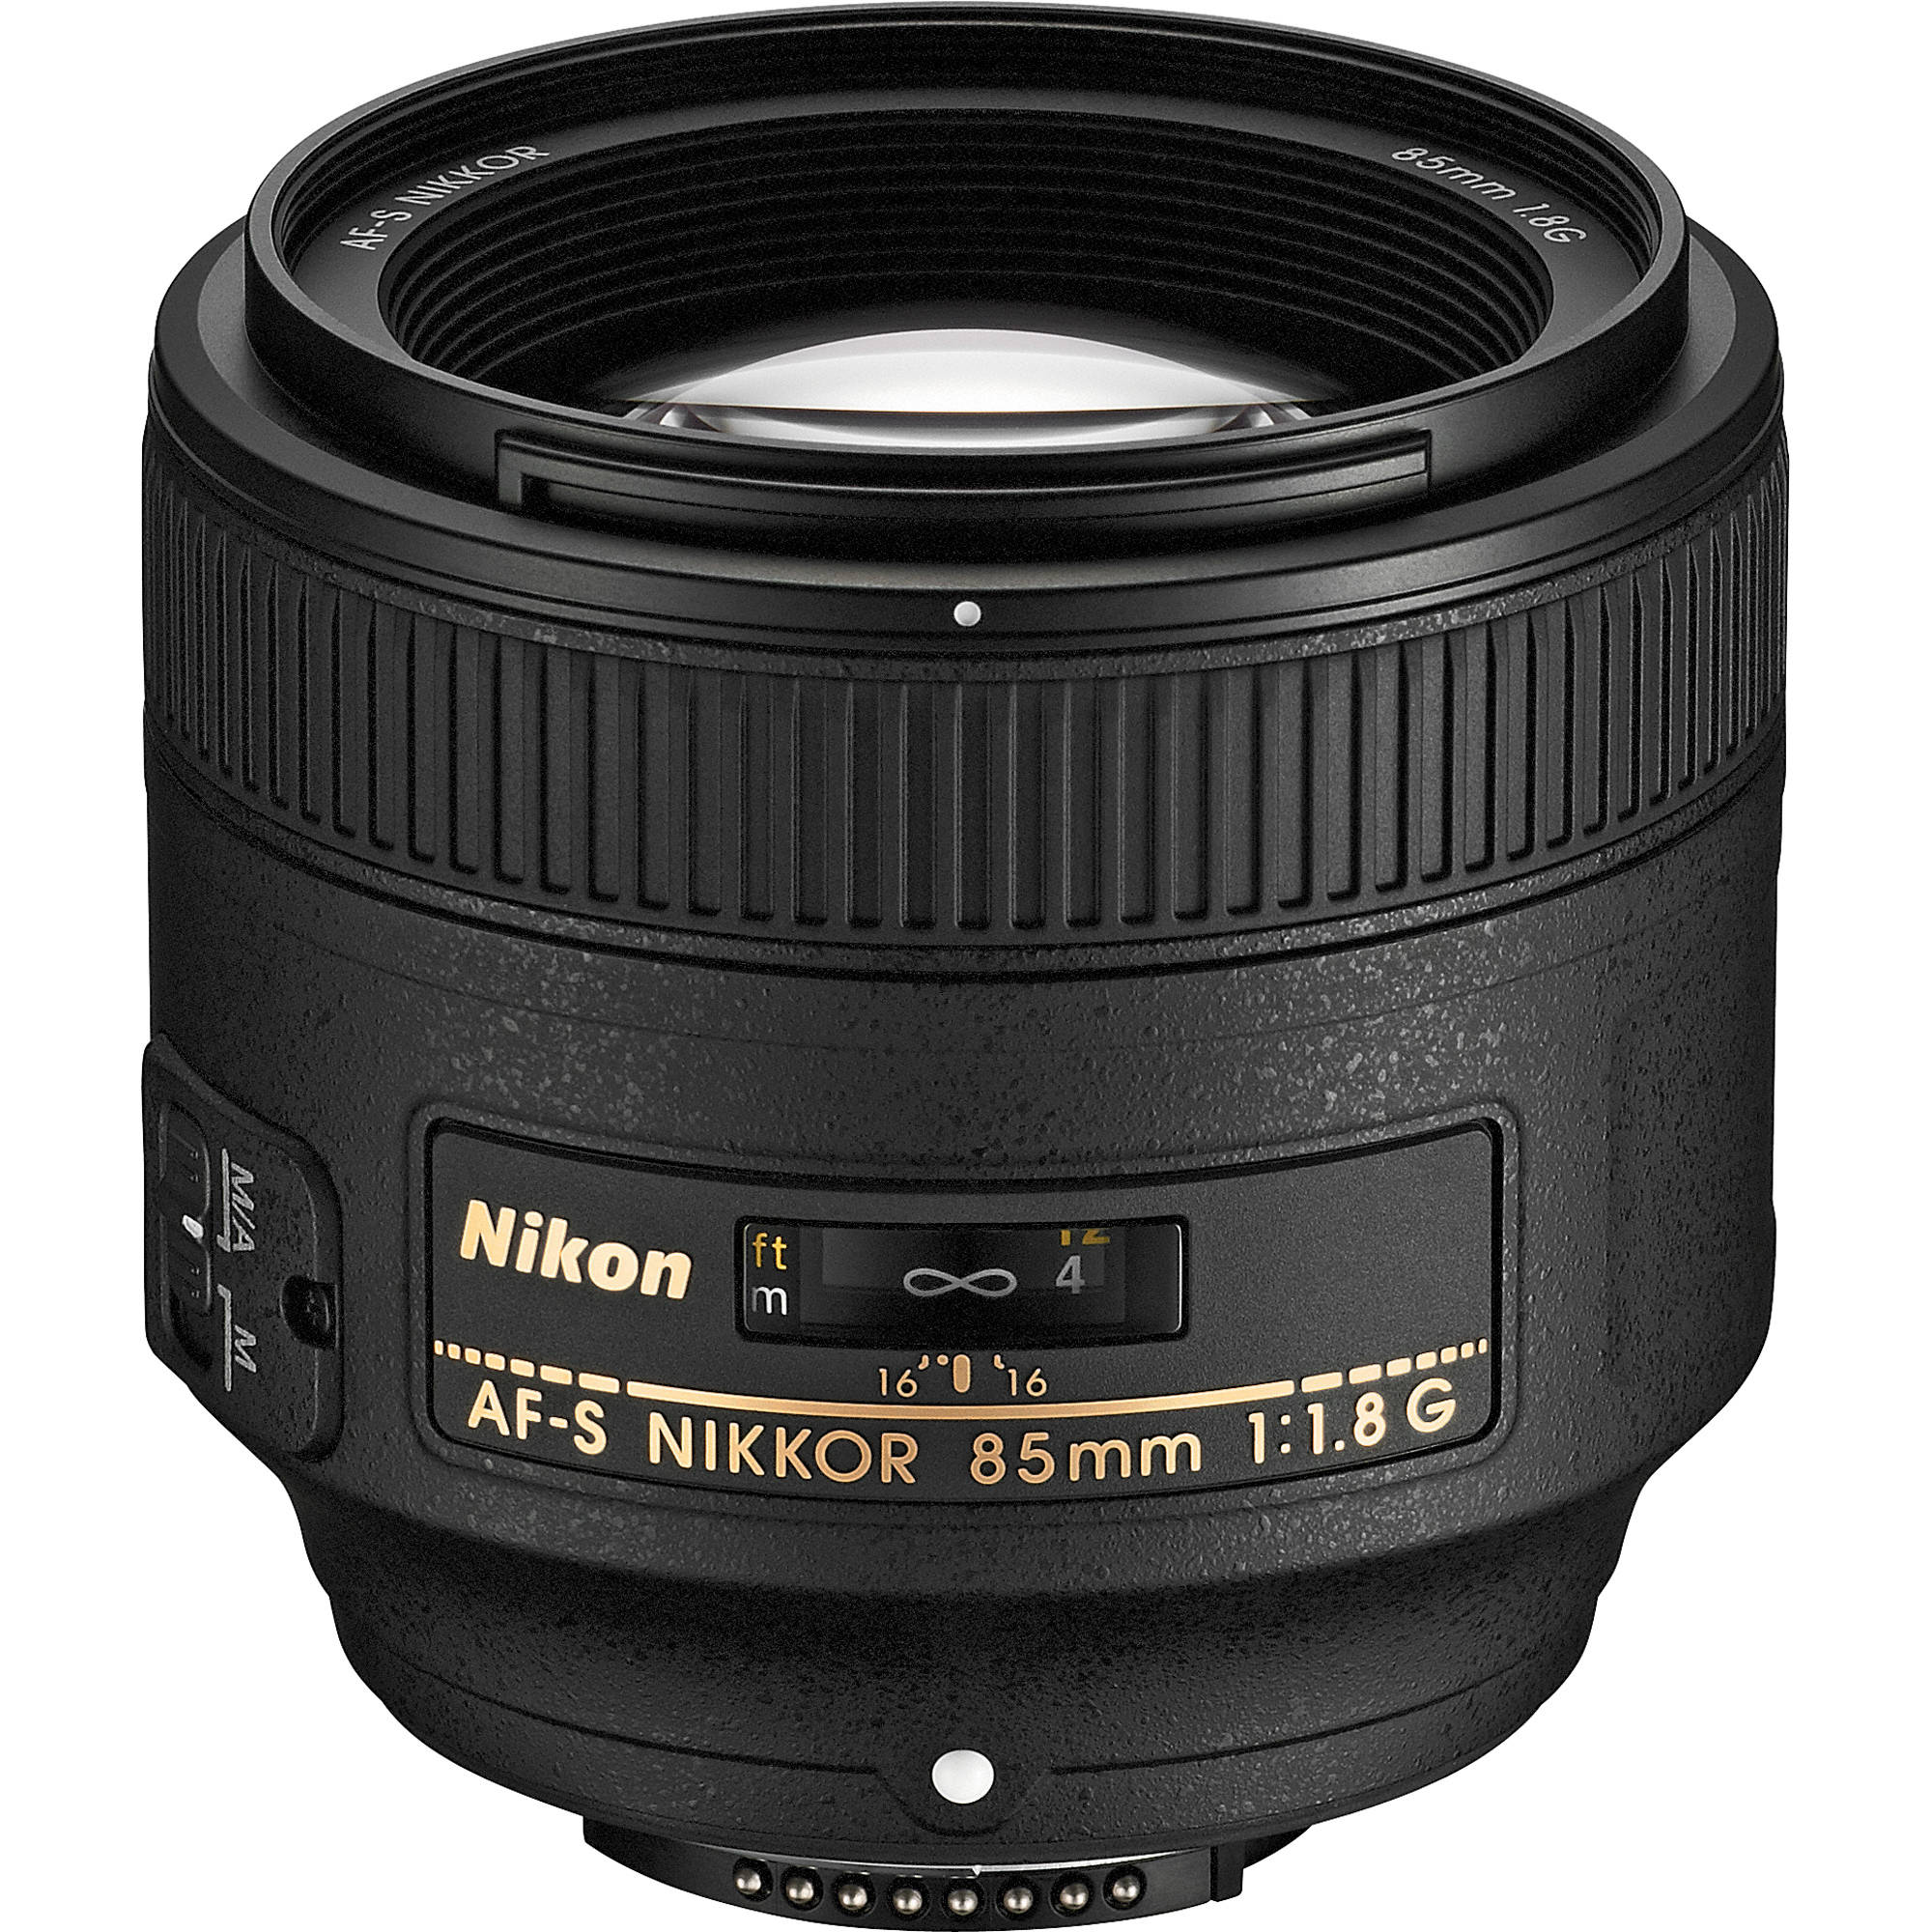 nikon af s nikkor 85mm f 1 8g lens 2201 b h photo video rh bhphotovideo com Nikon 85Mm 1.8G Sample Is Nikon 50Mm F 1 8G AF-S Portraits